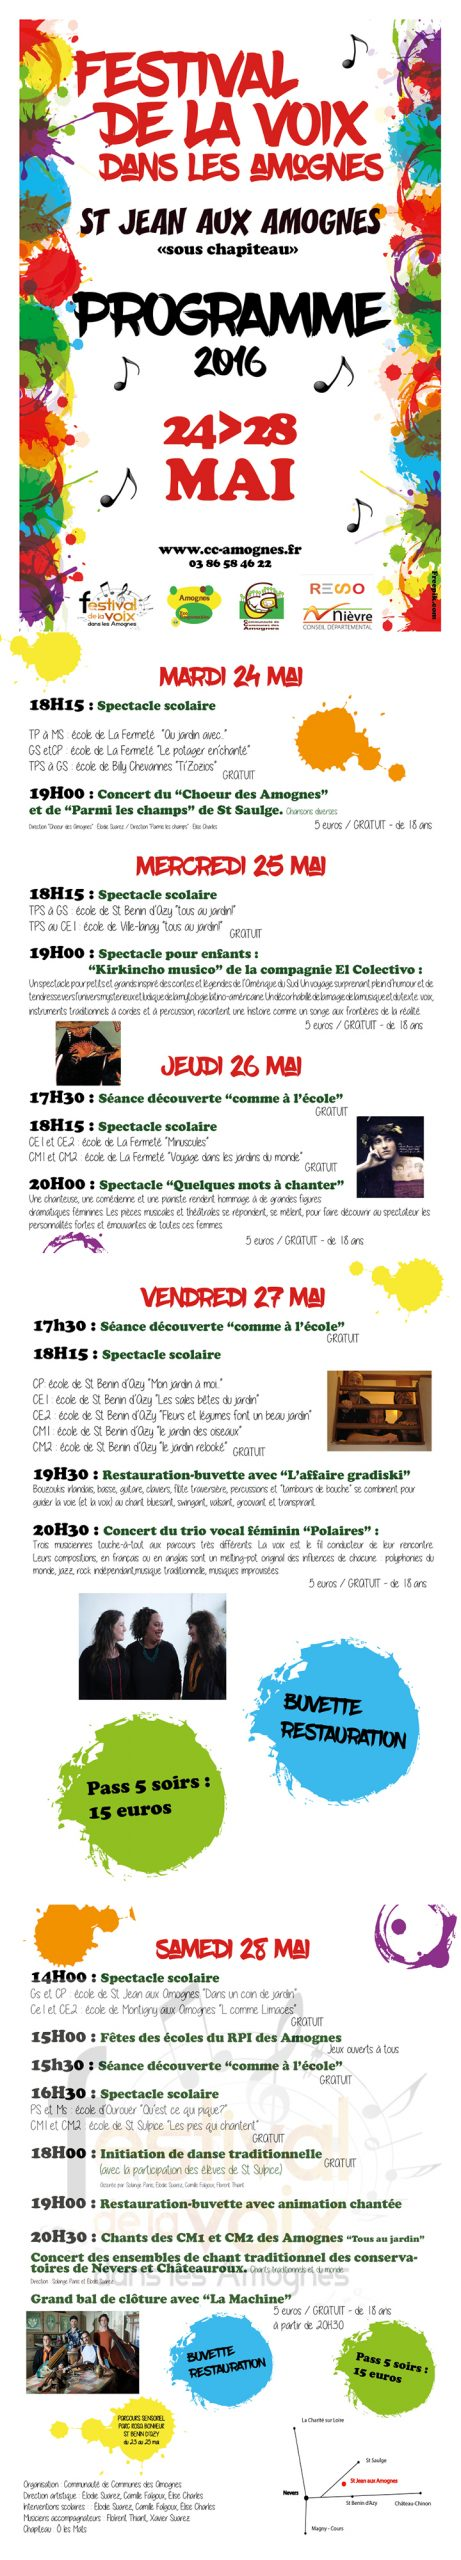 festival_voix